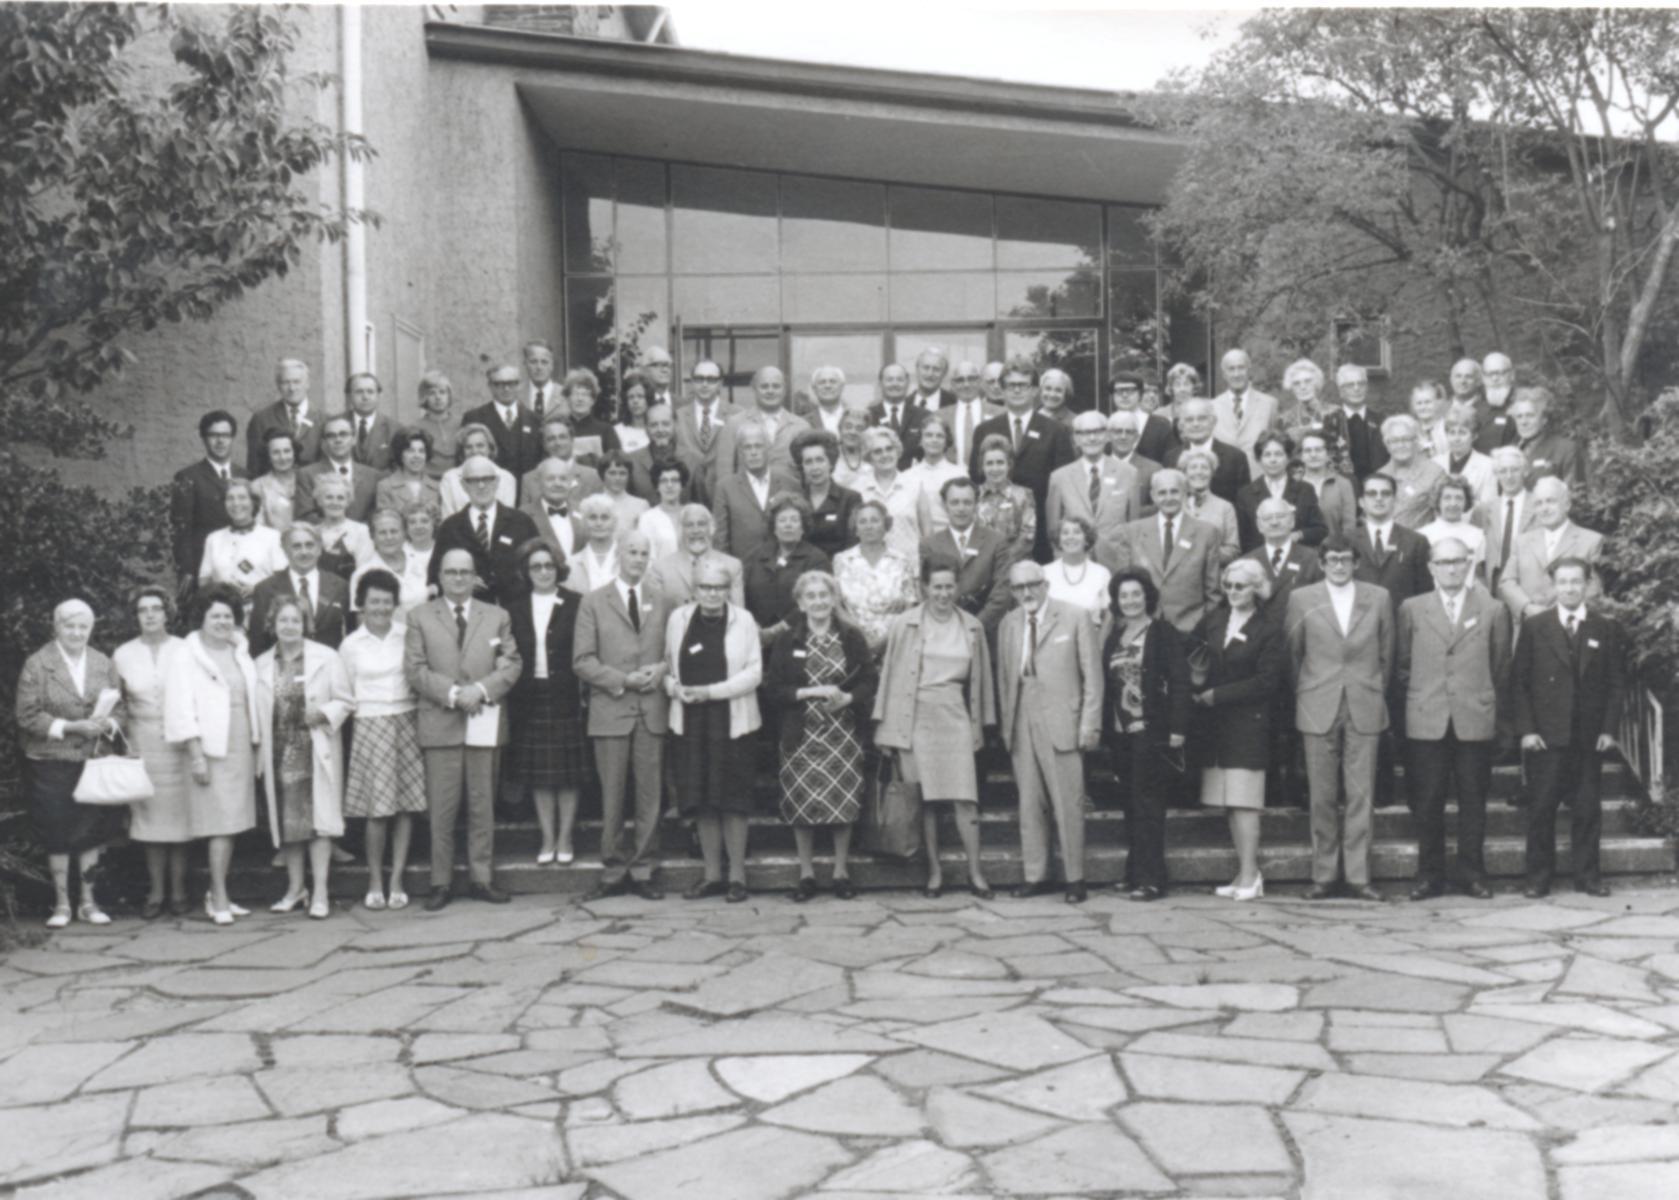 IV. Internat. Imago Mundi-Kongress 1972 Königstein im Taunus, Gruppenfoto